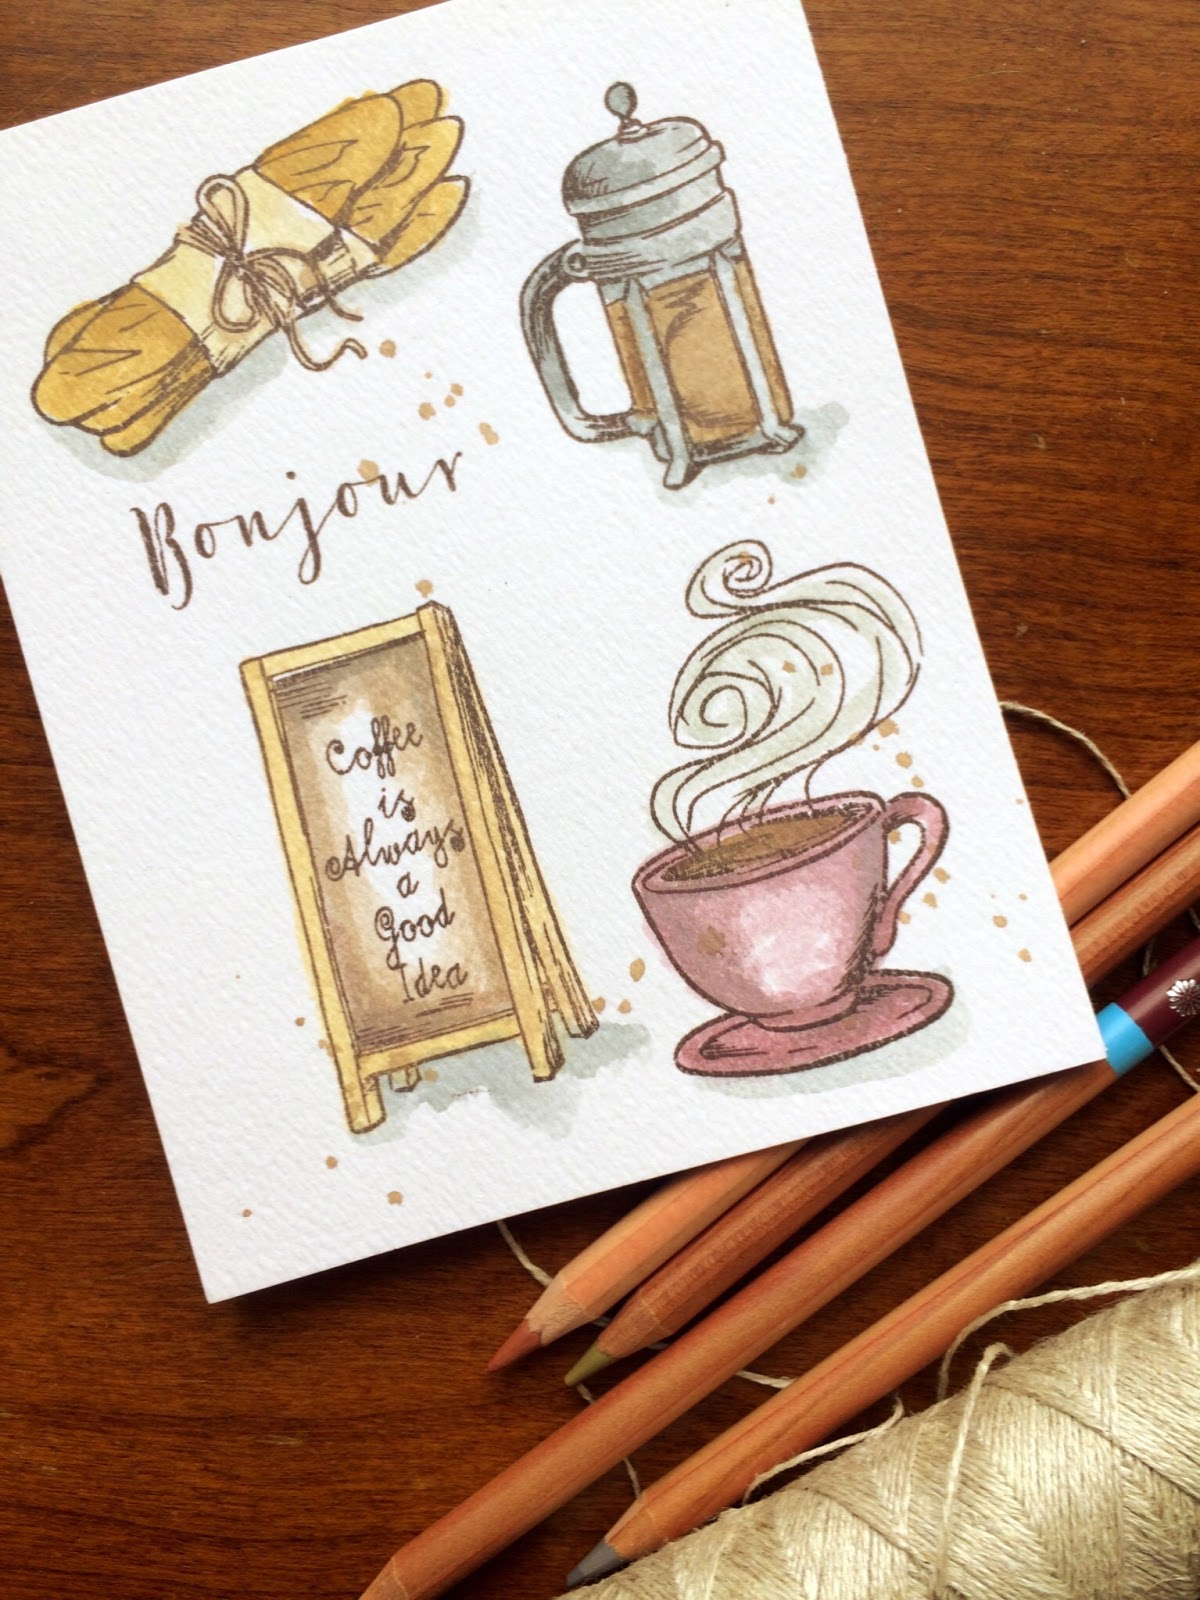 lauralooloo: Ooh La La! How To Use Watercolor Pencils ...